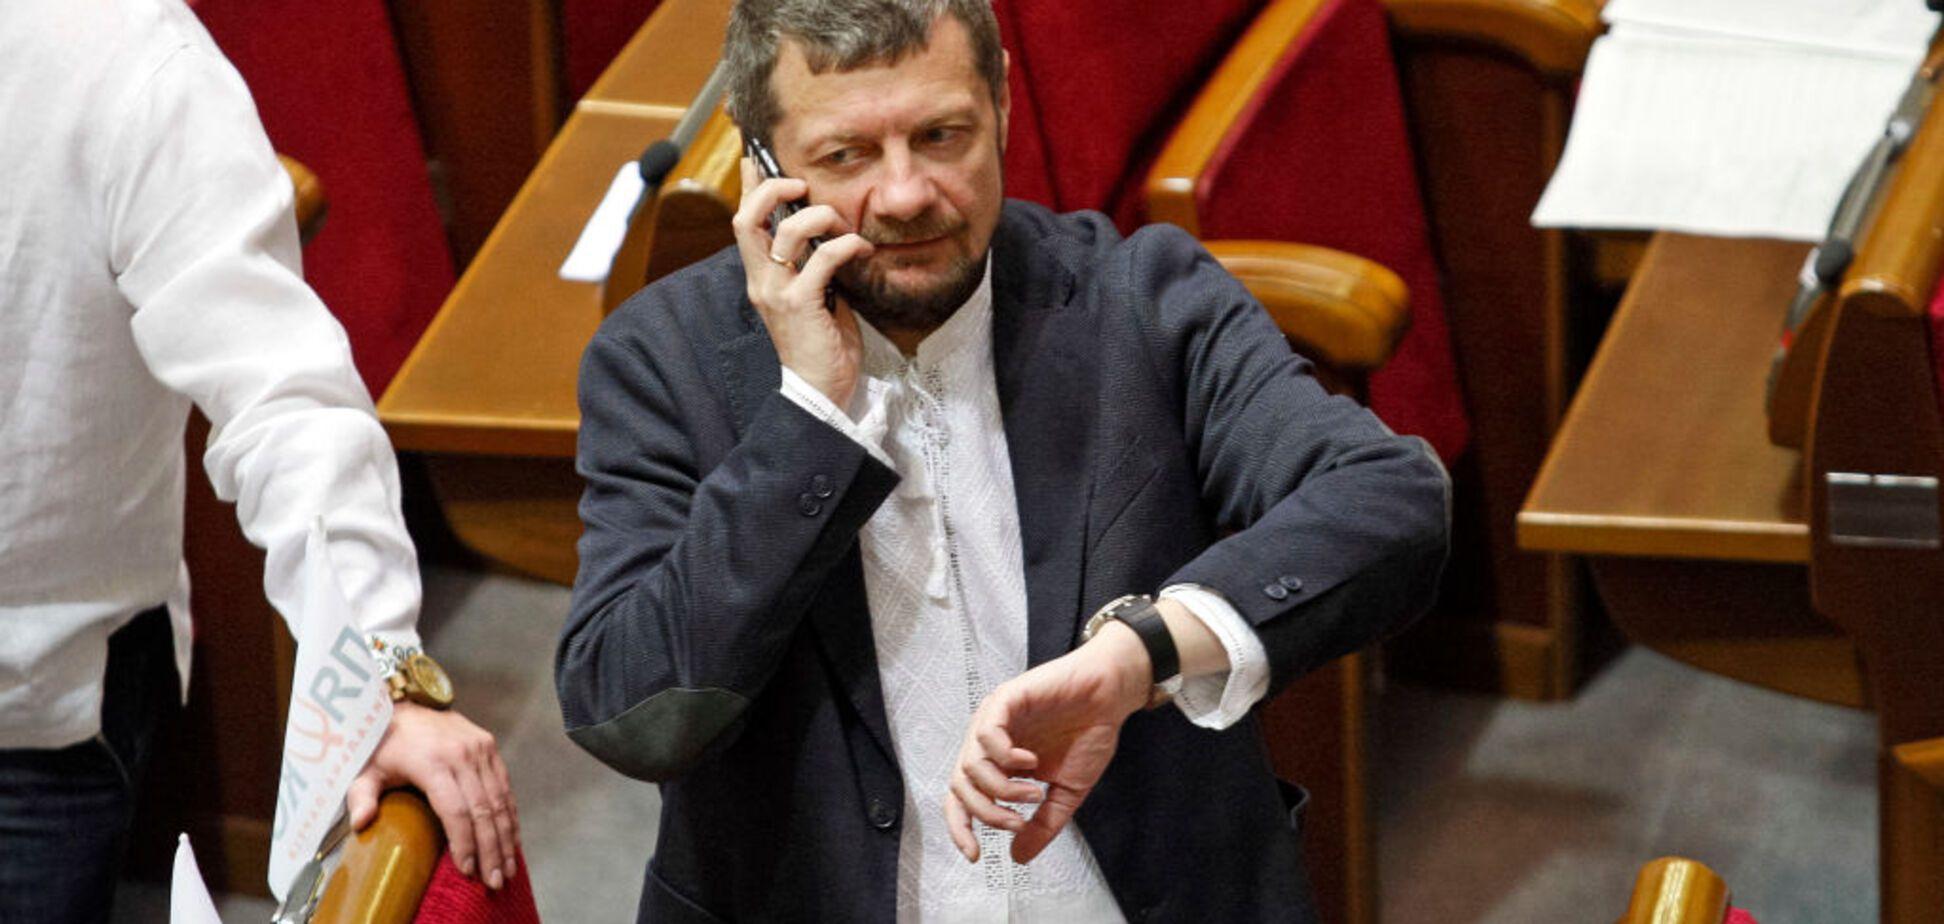 'Провокація провалилася': пранкери хотіли розіграти соратника Ляшка від імені Авакова